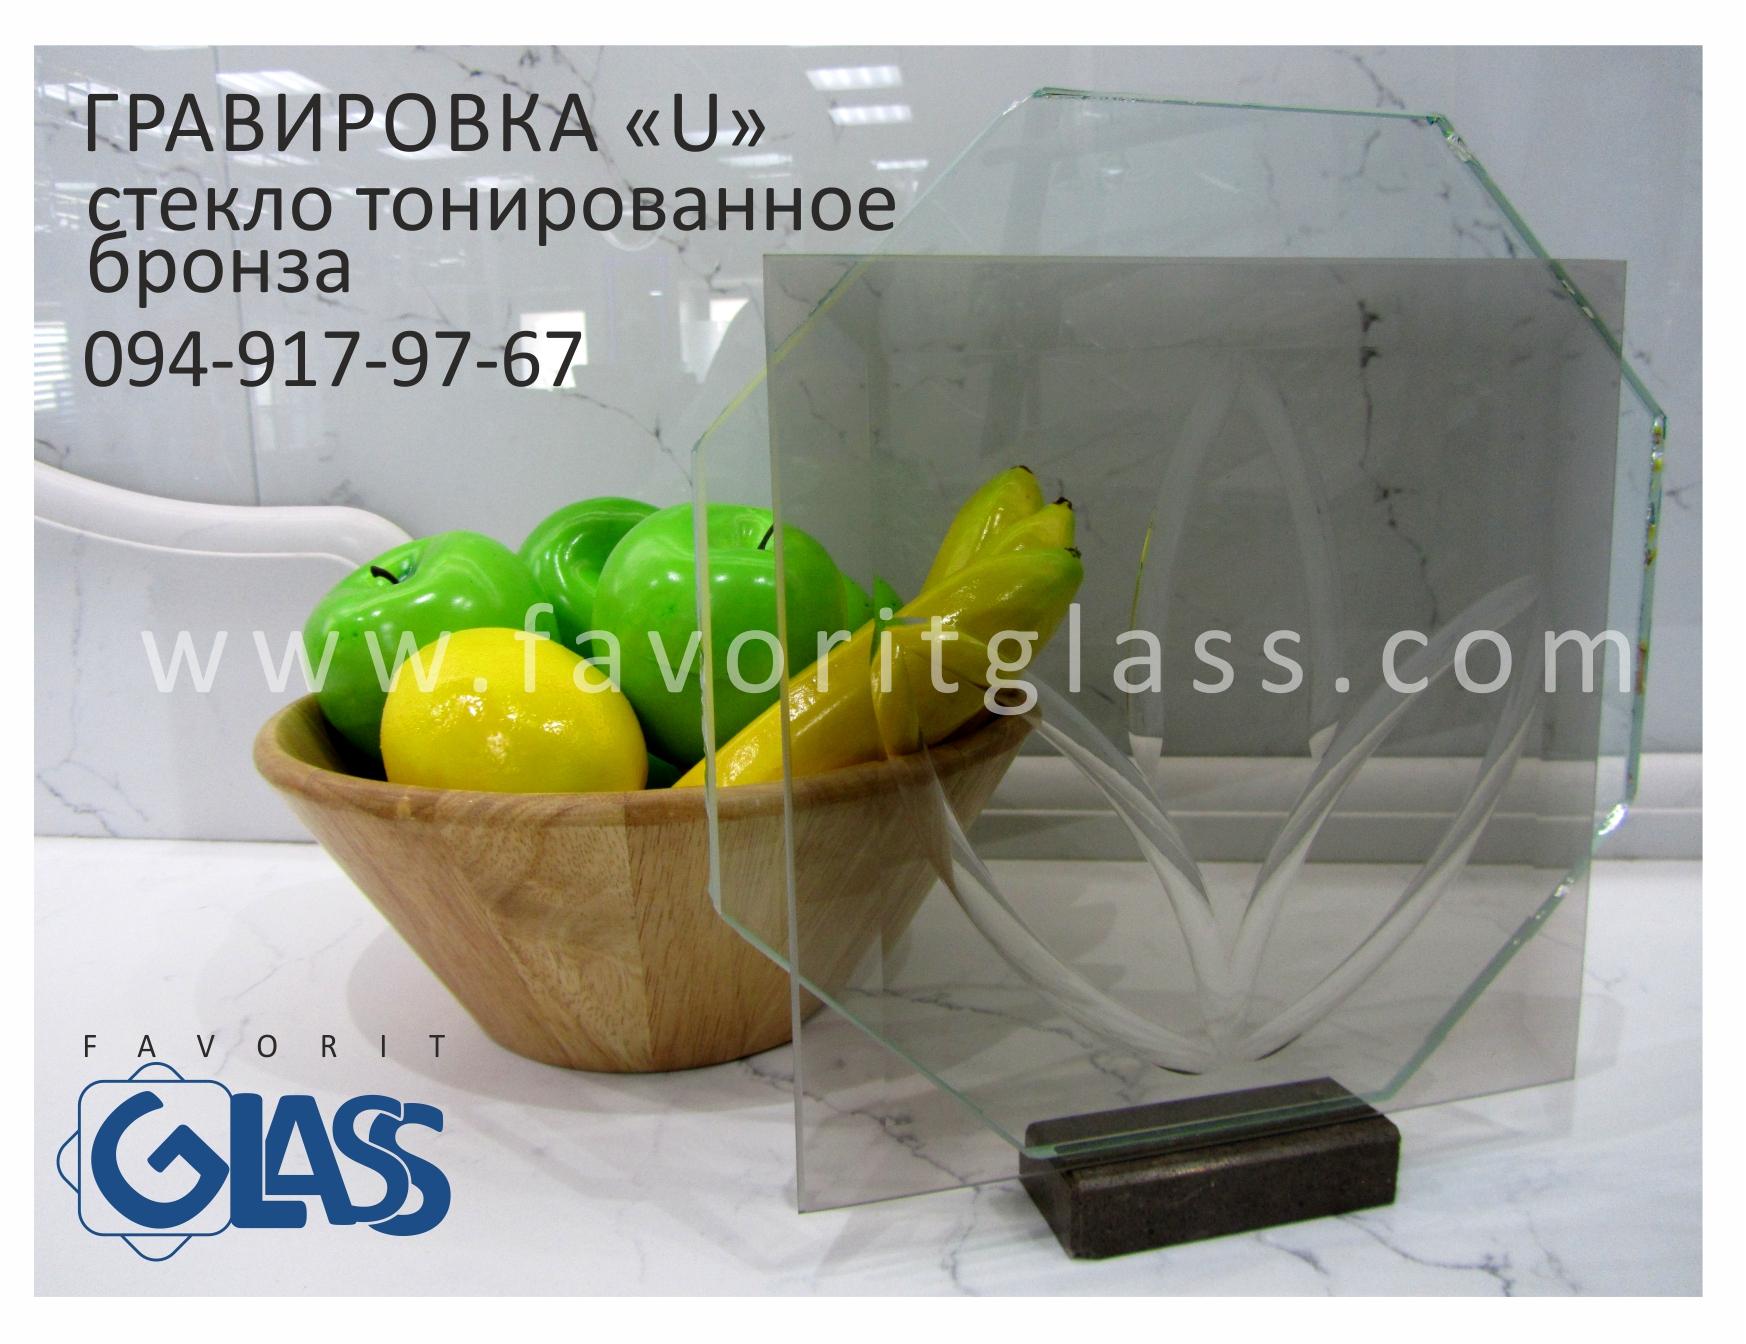 Алмазная Гравировка U на стекле бронза.j